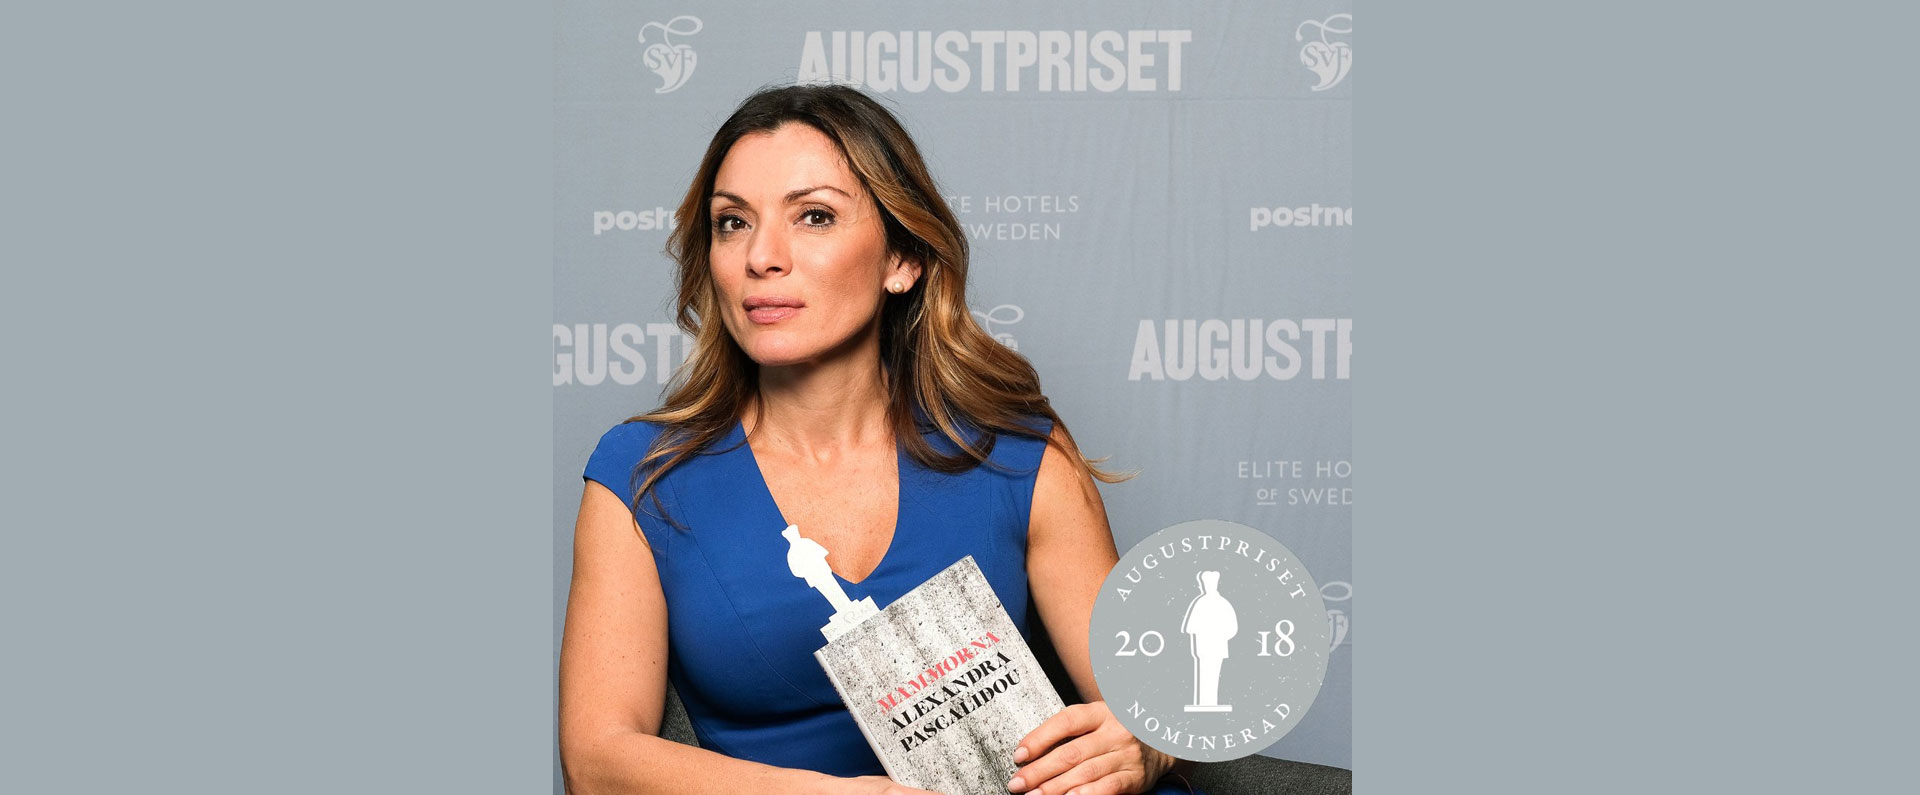 Alexanda Pascalidou tilldelades Augustpriset för boken Mammorna